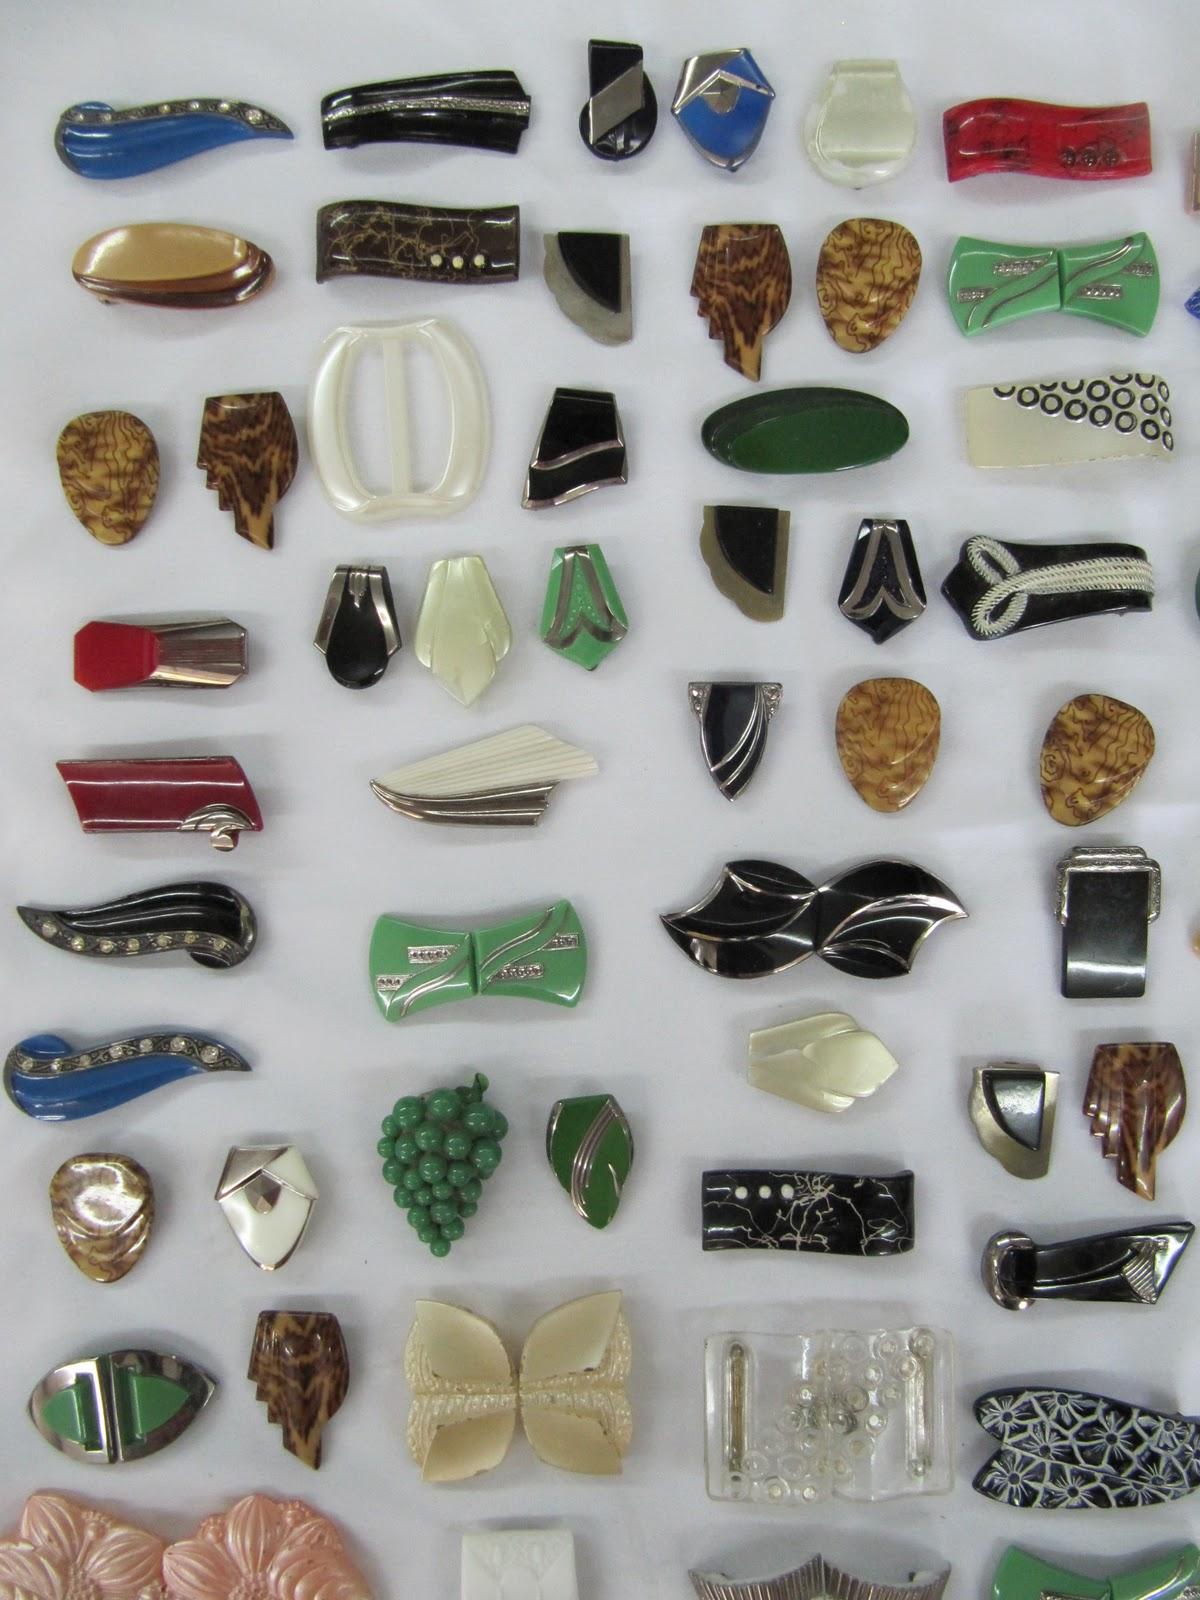 Nueva tienda mujam toy museum shop objetos y piezas vintage de colecci n - Objetos vintage ...